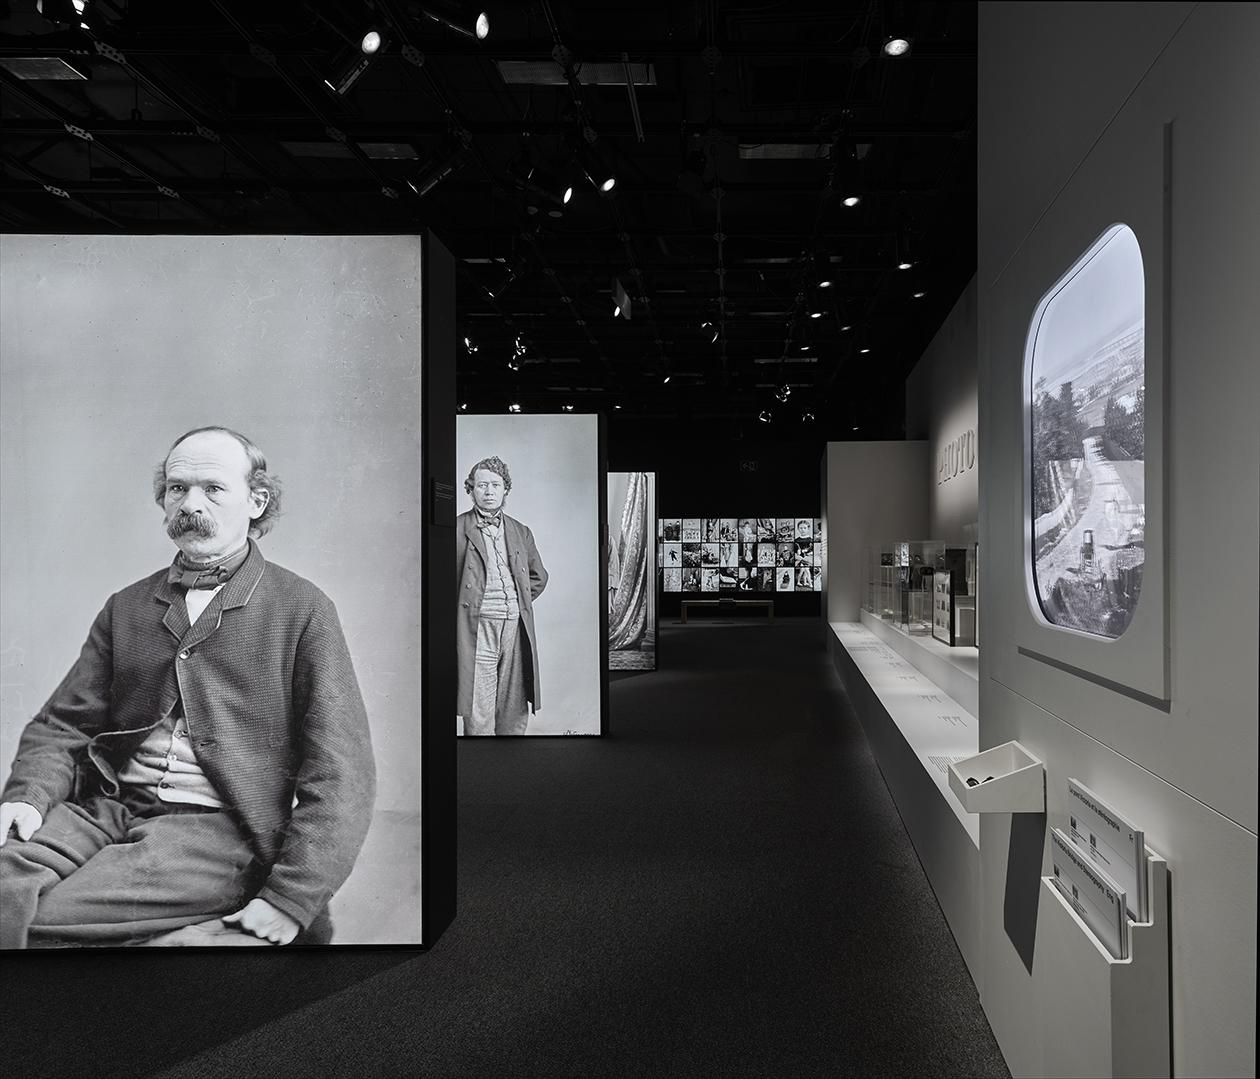 Salle d'expo affichant des boîtes lumineuses de portraits grandeur nature et une mosaïque de clichés de personnages célèbres